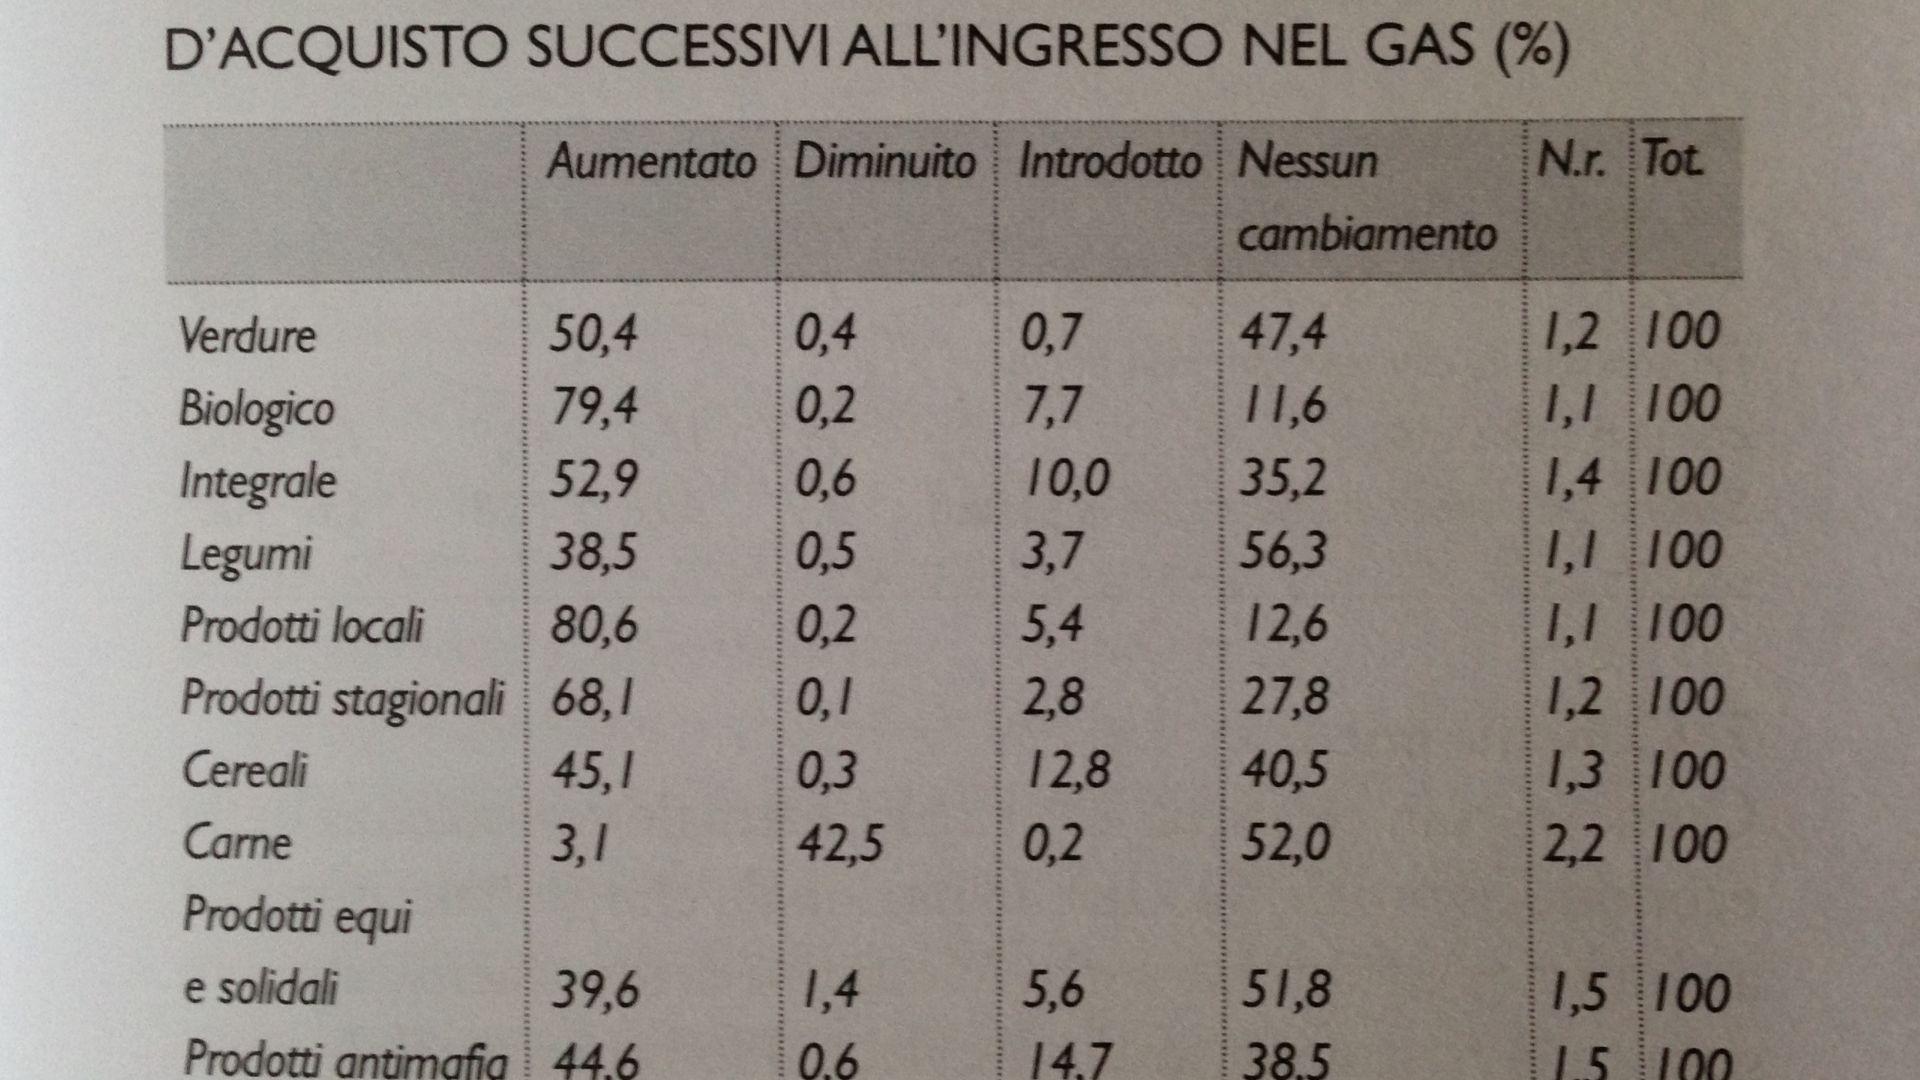 Cambiamento dei Comportamenti D'acquisto dopo l'ingresso in un GAS